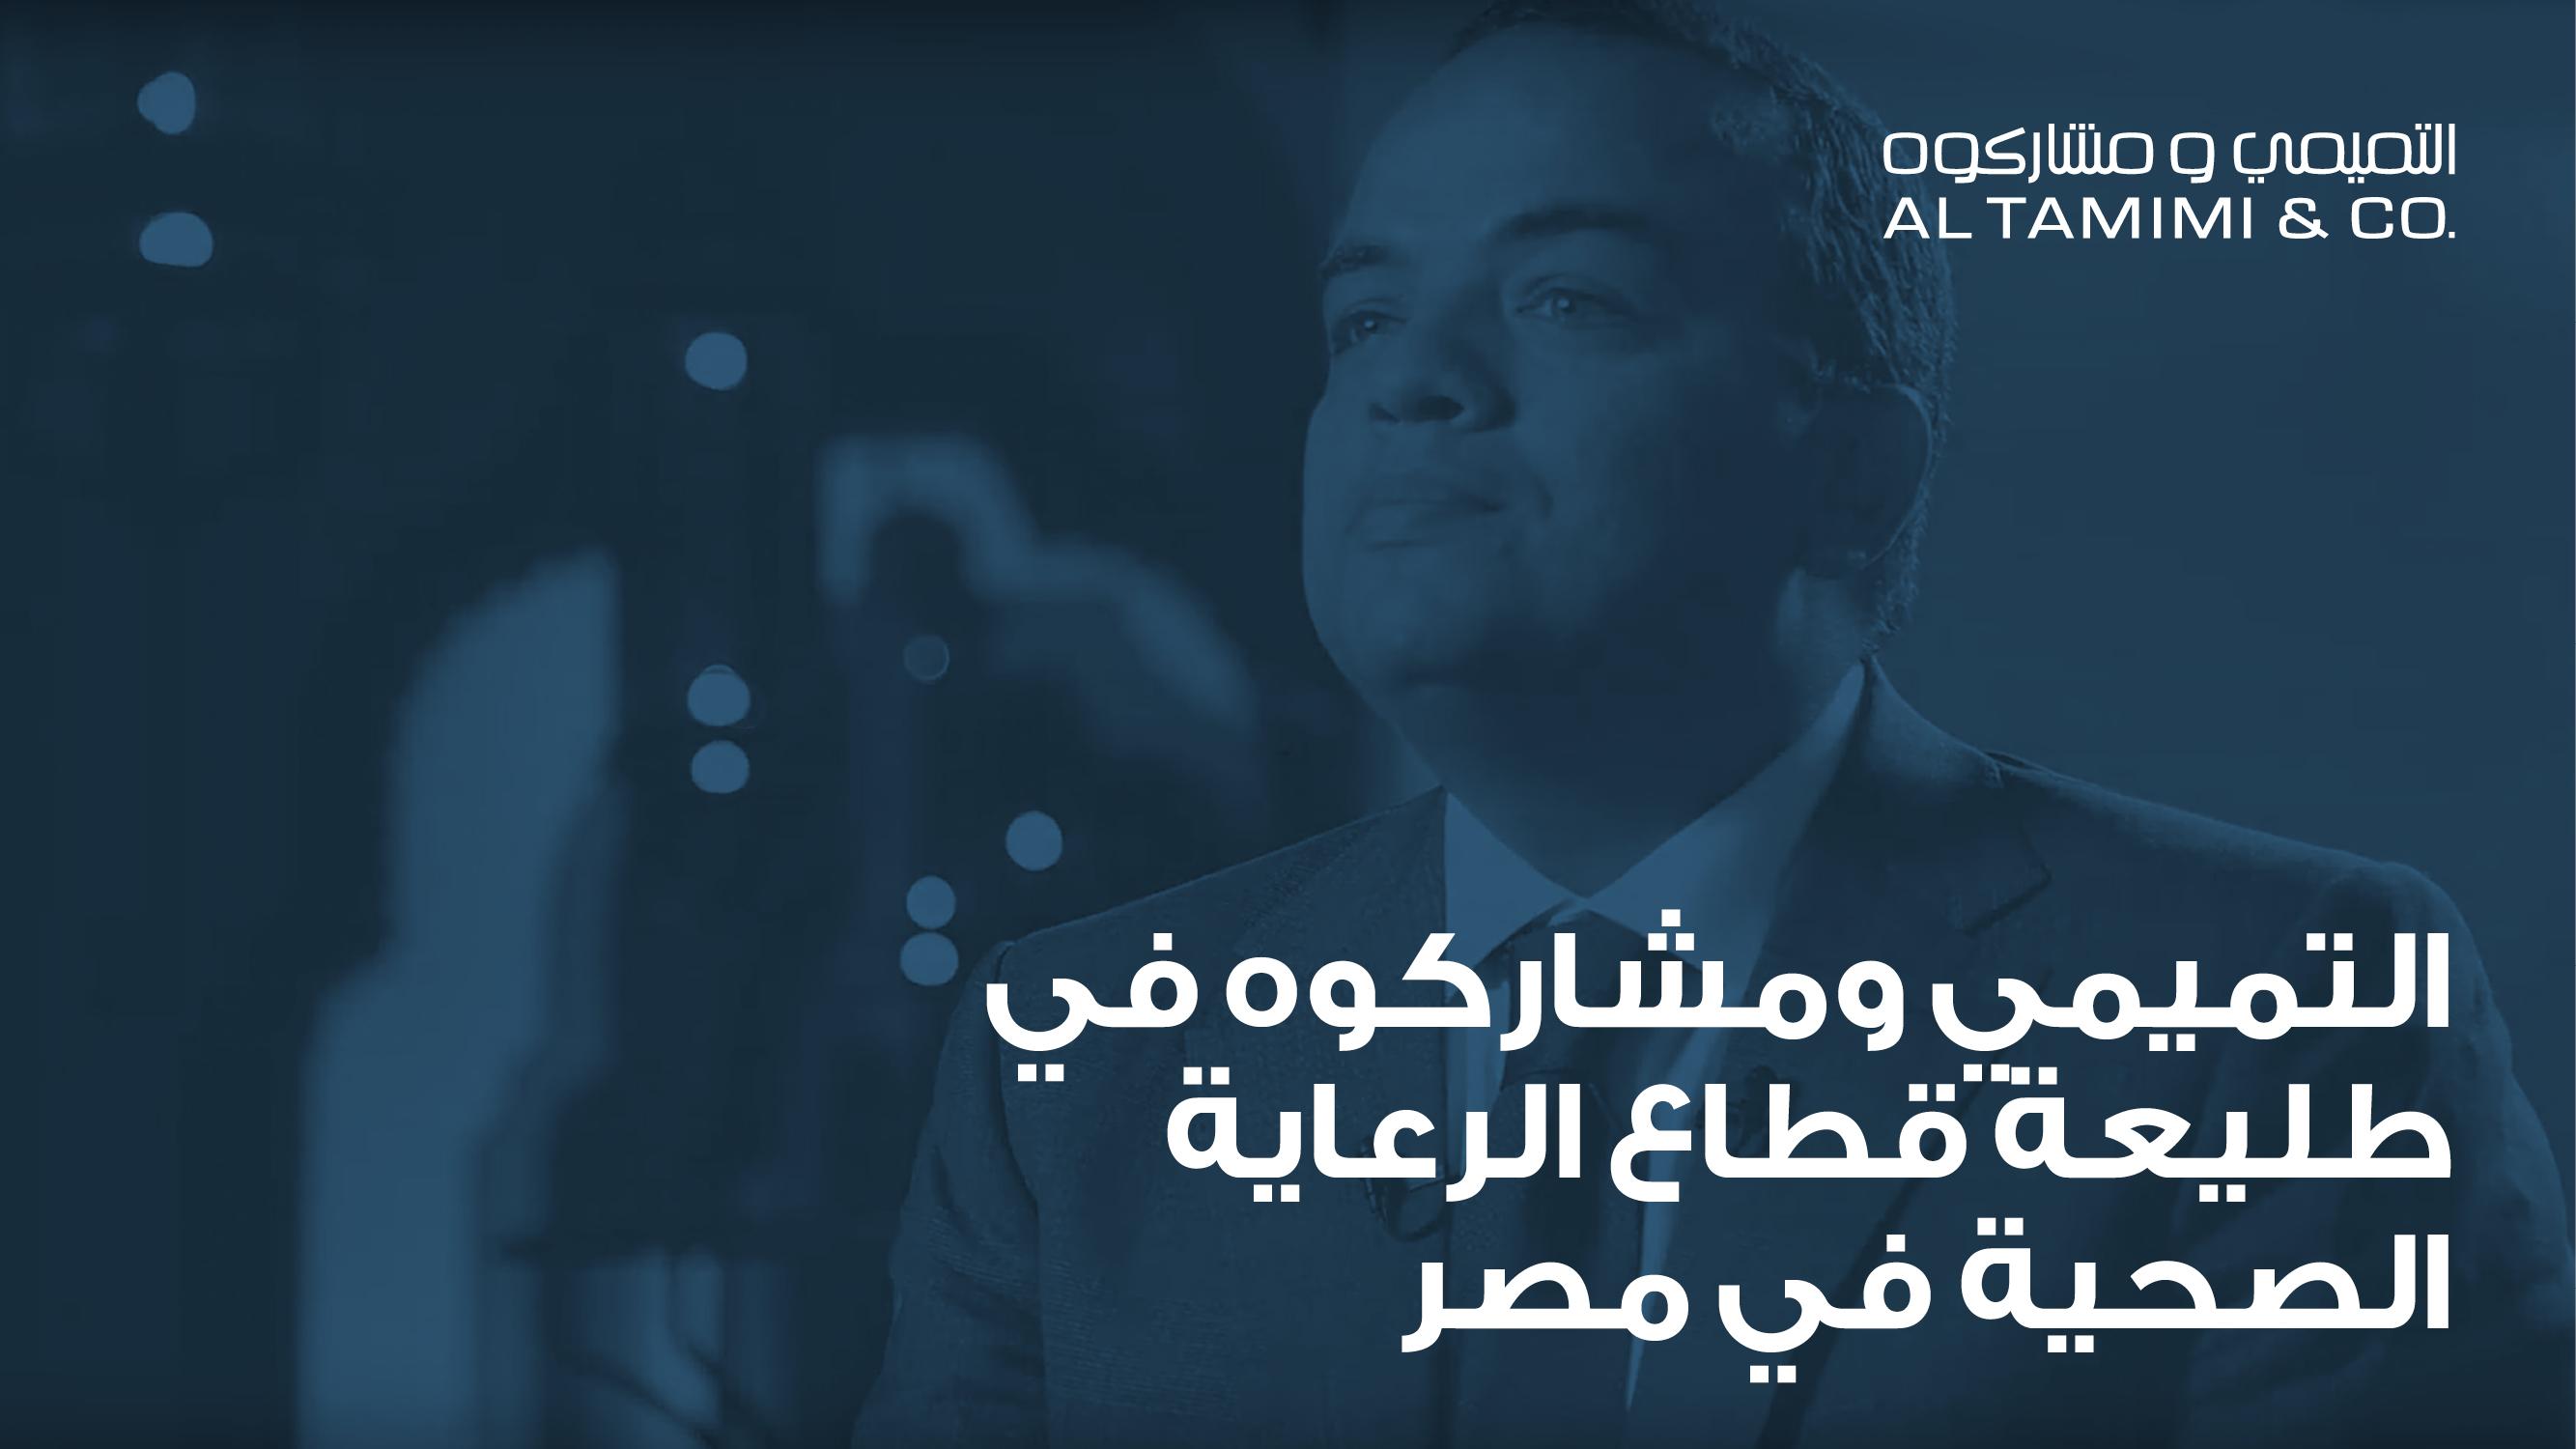 التميمي ومشاركوه في طليعة قطاع الرعاية الصحية في مصر